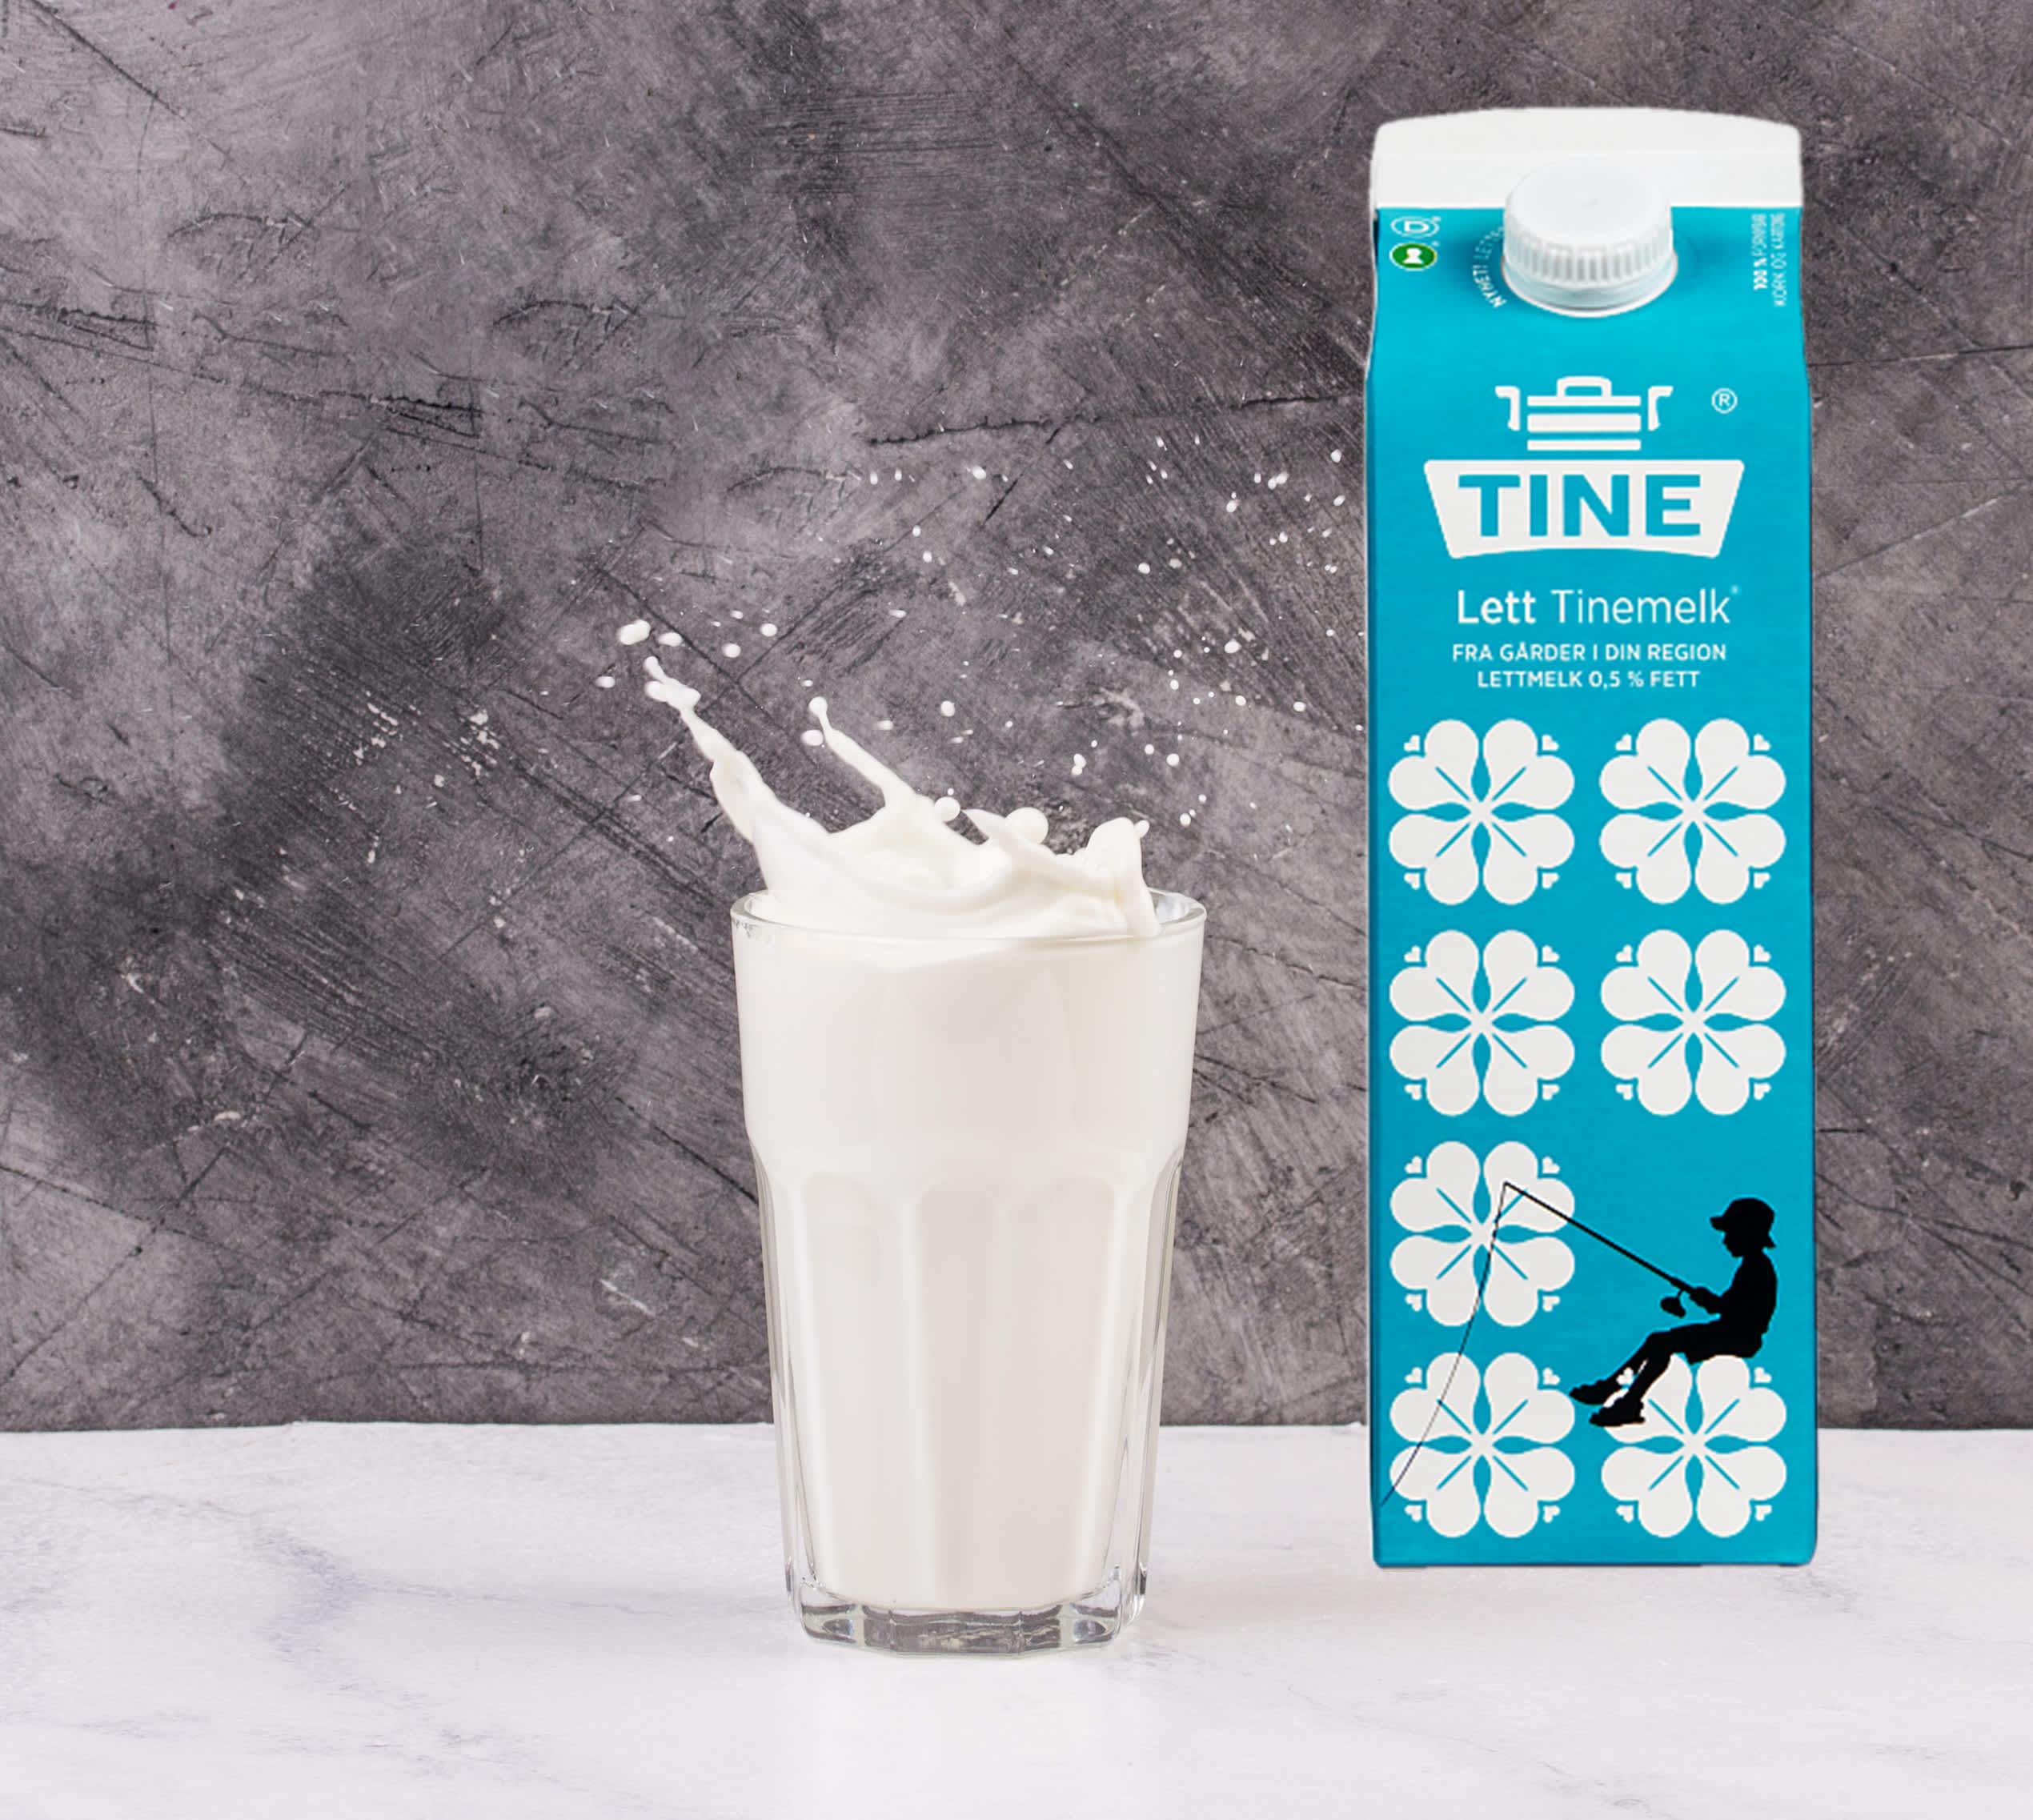 Et glass melk på 2 dl tilsvarer én porsjon om dagen.